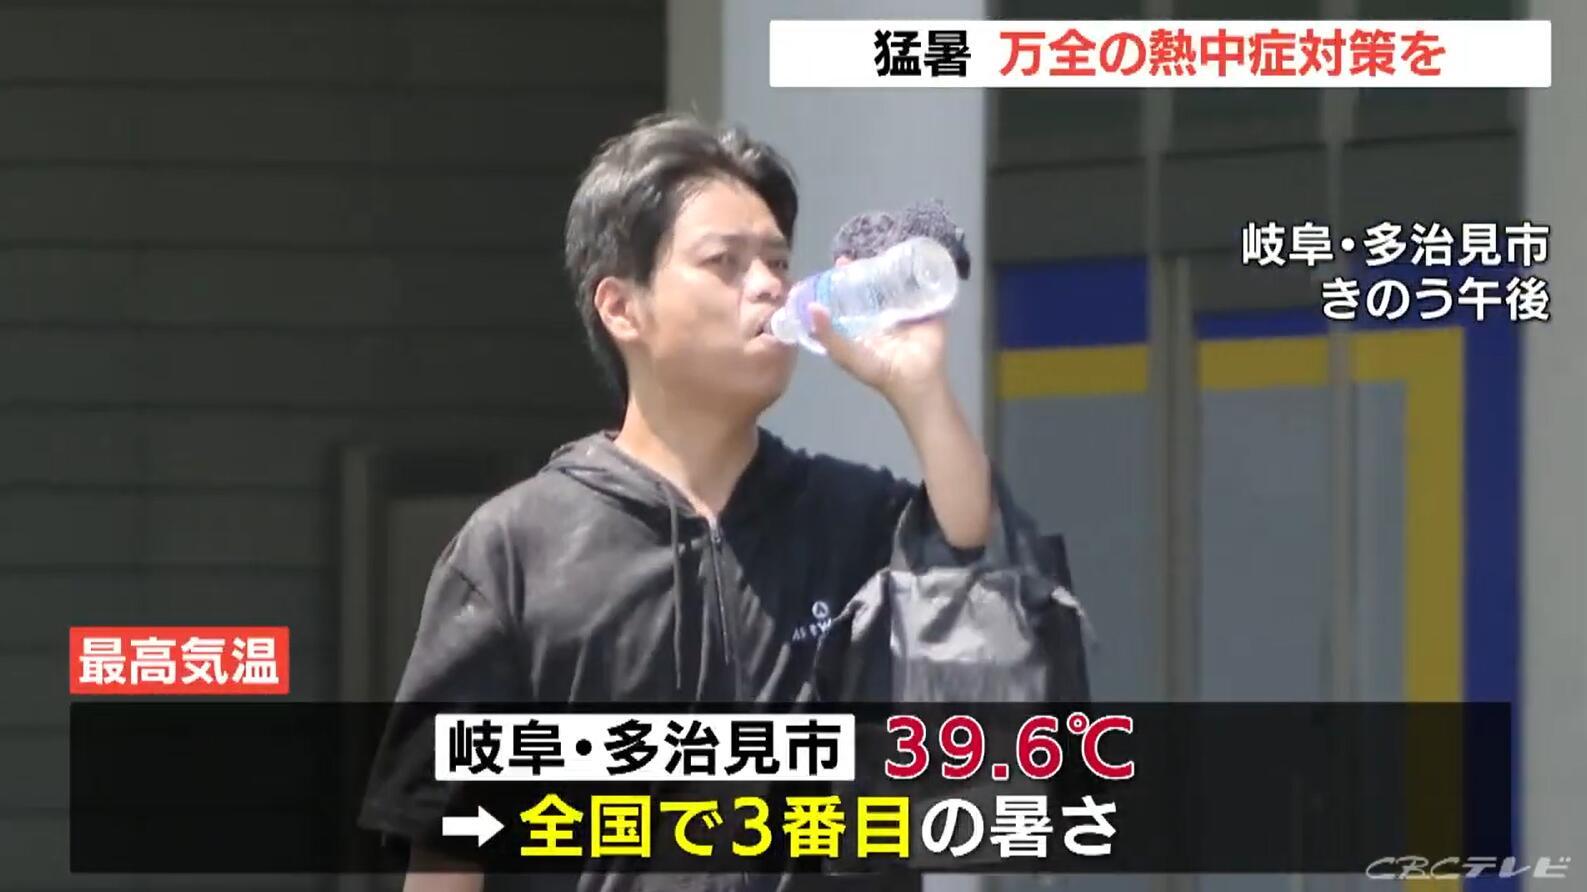 高温持续炙烤日本最高气温逼近40℃需谨防中暑